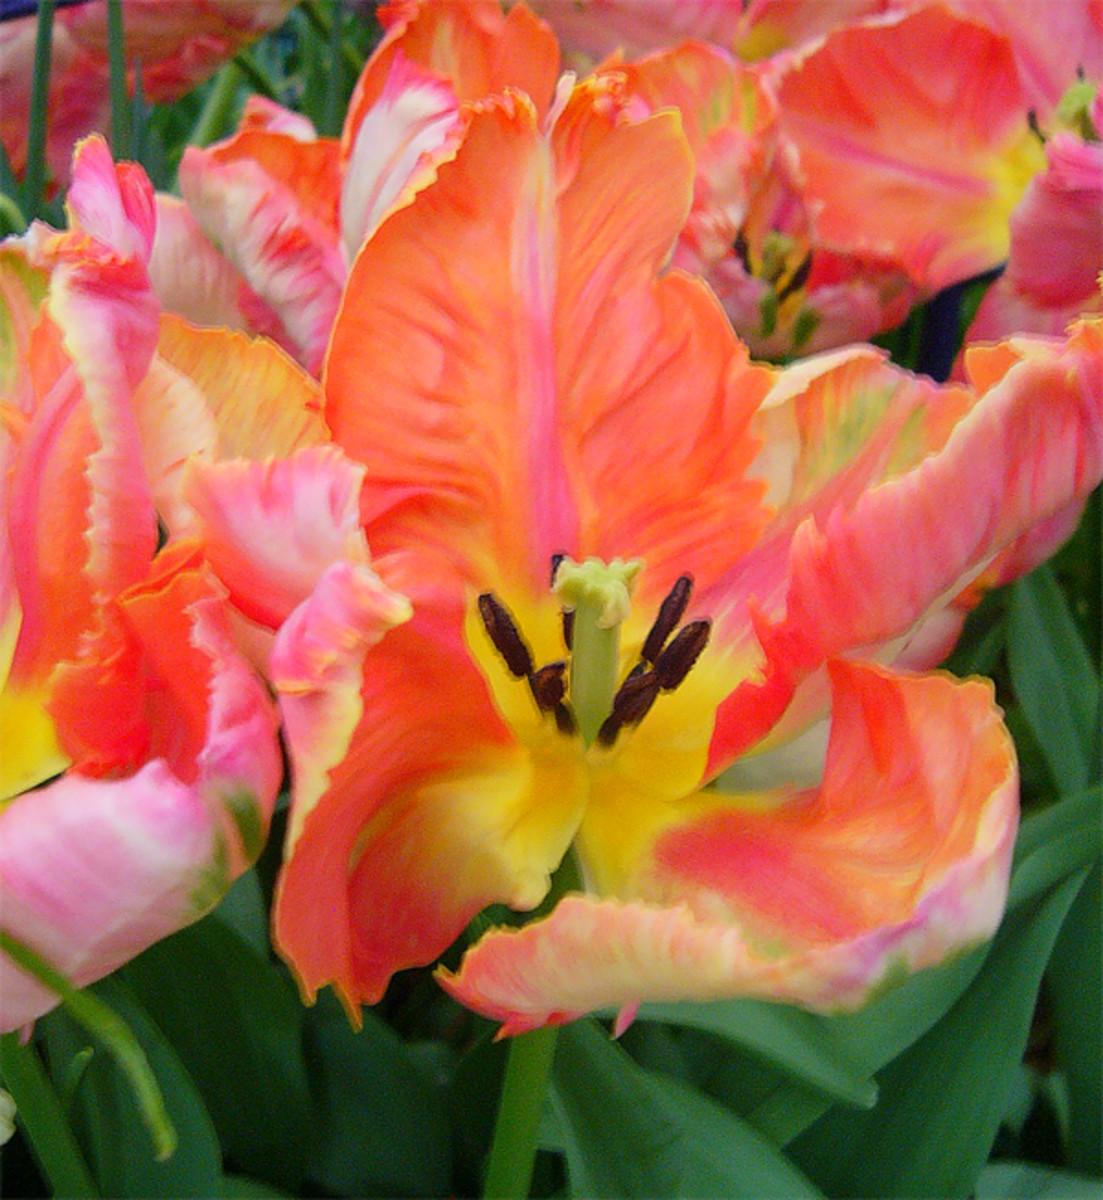 Tulip 'Apricot Parrot'